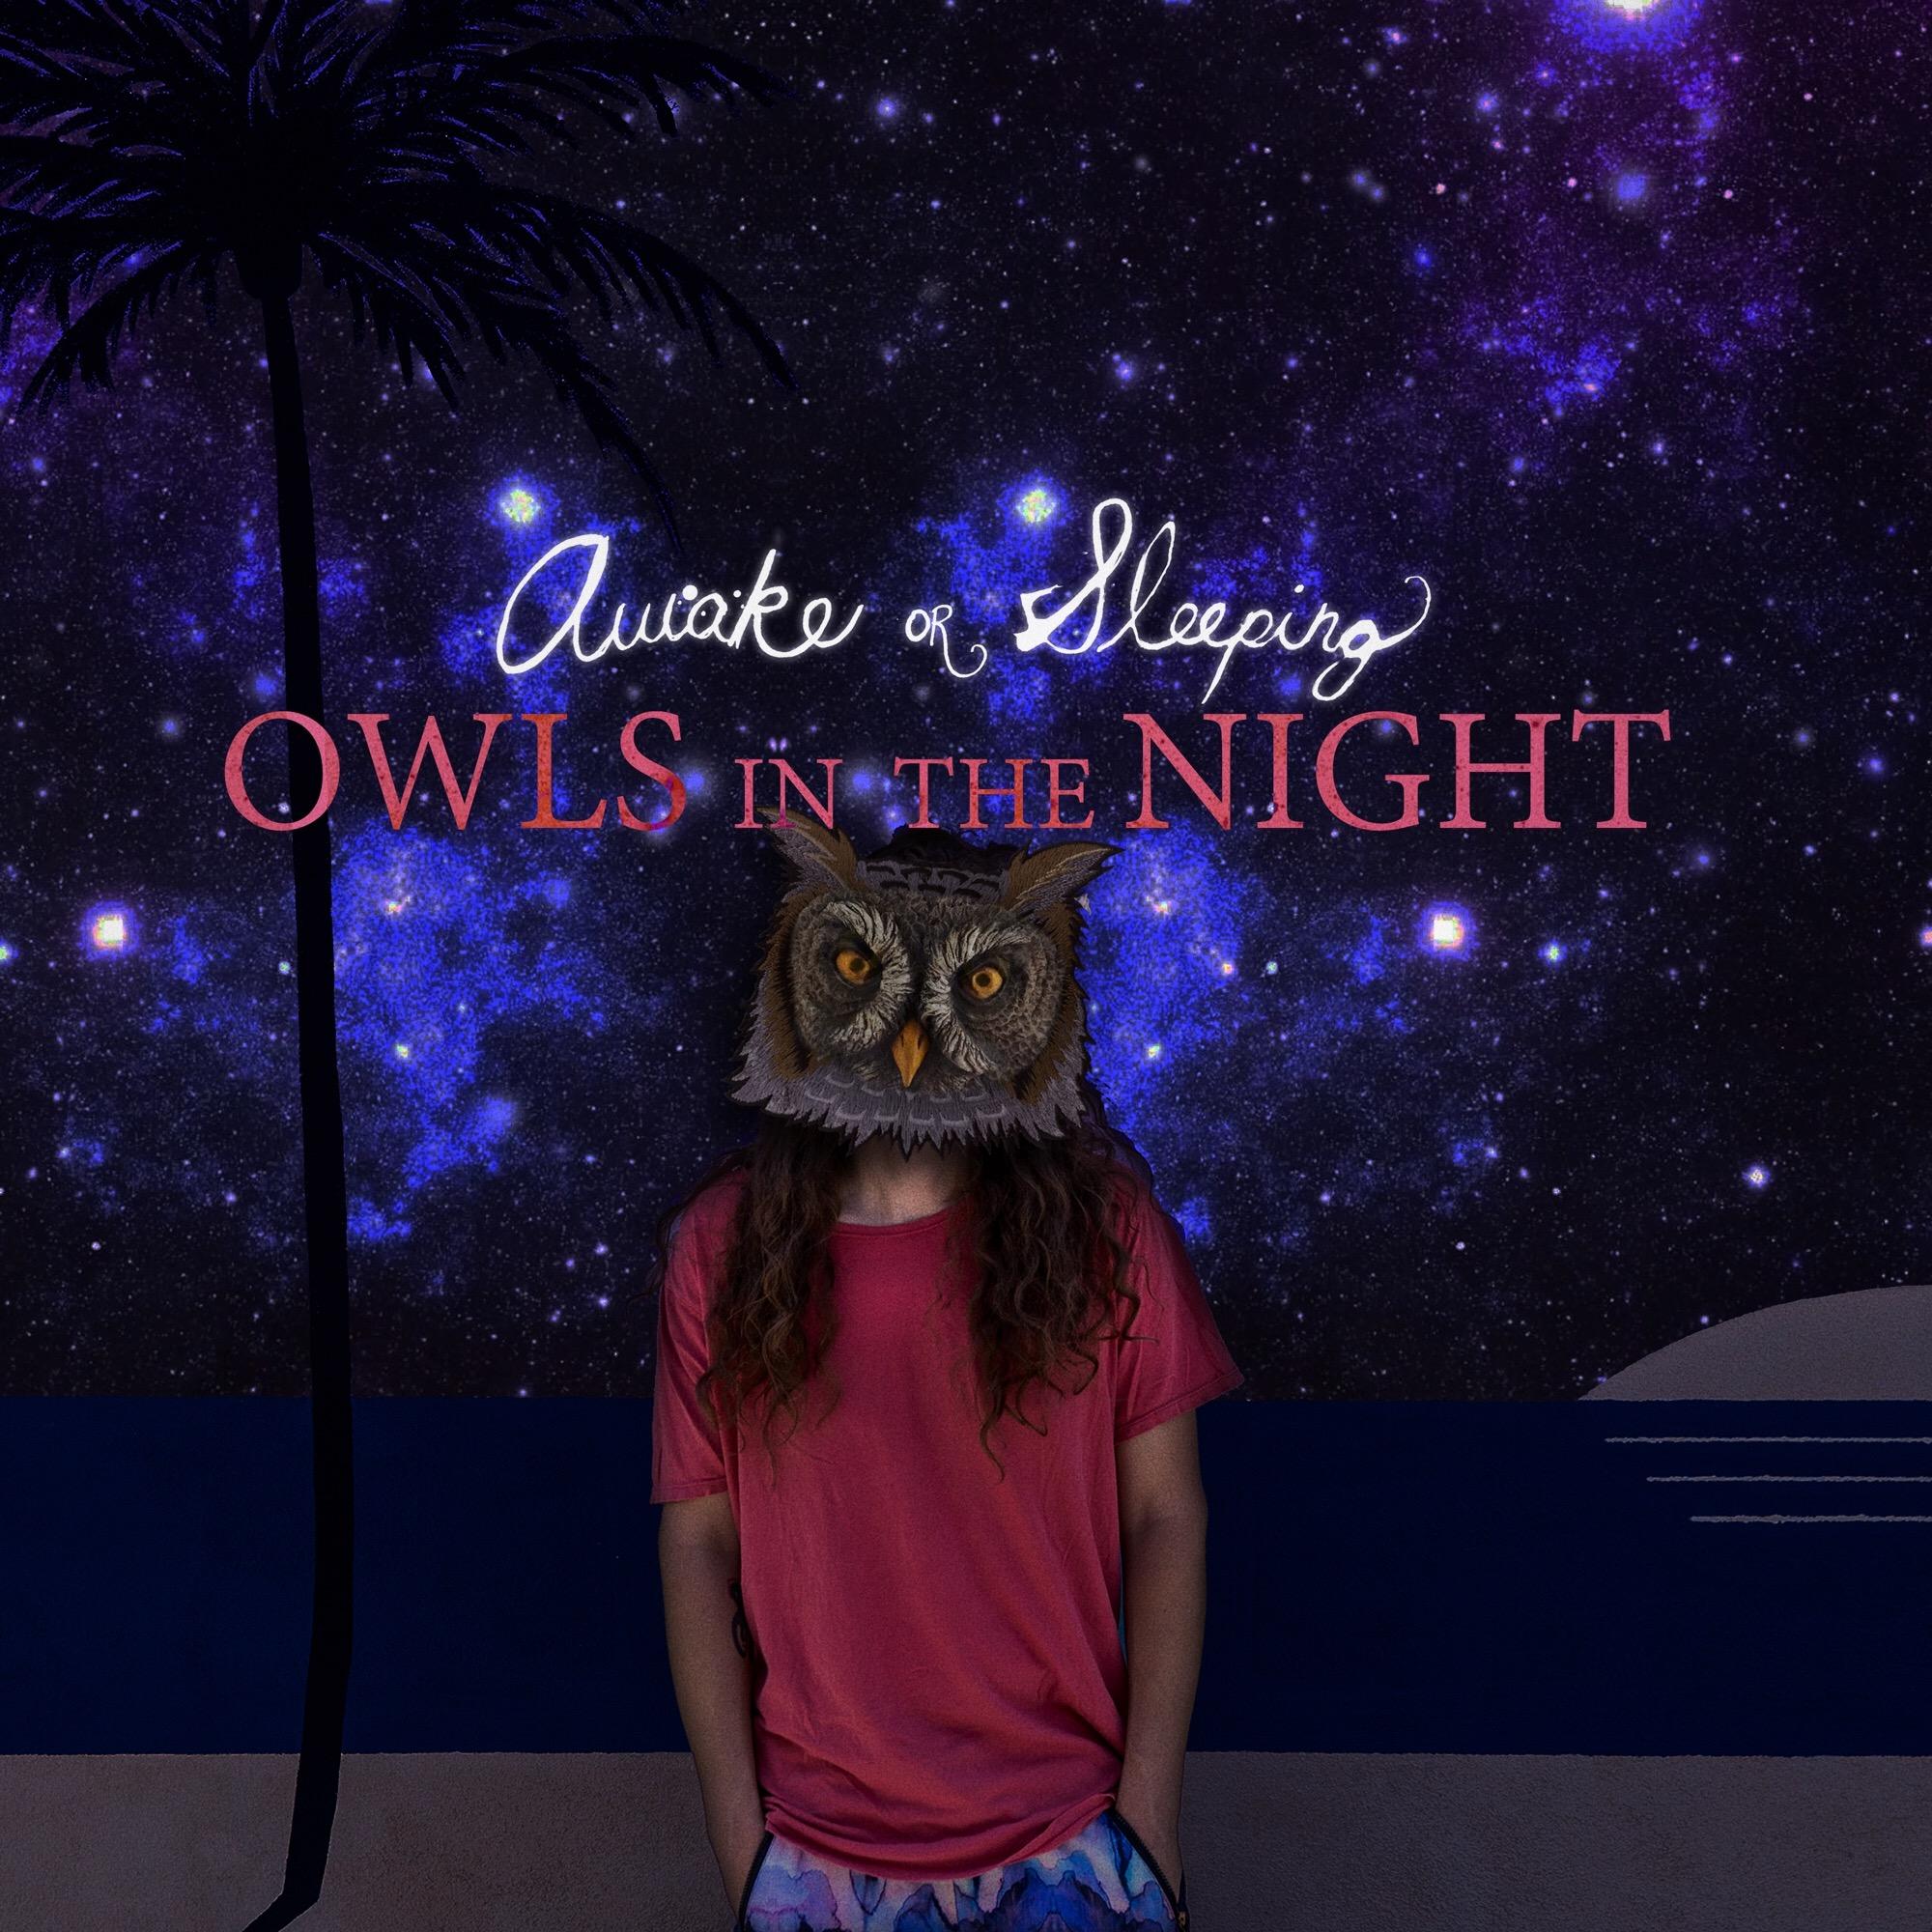 Awake-or-Sleeping-Owls-in-the-Night.JPG